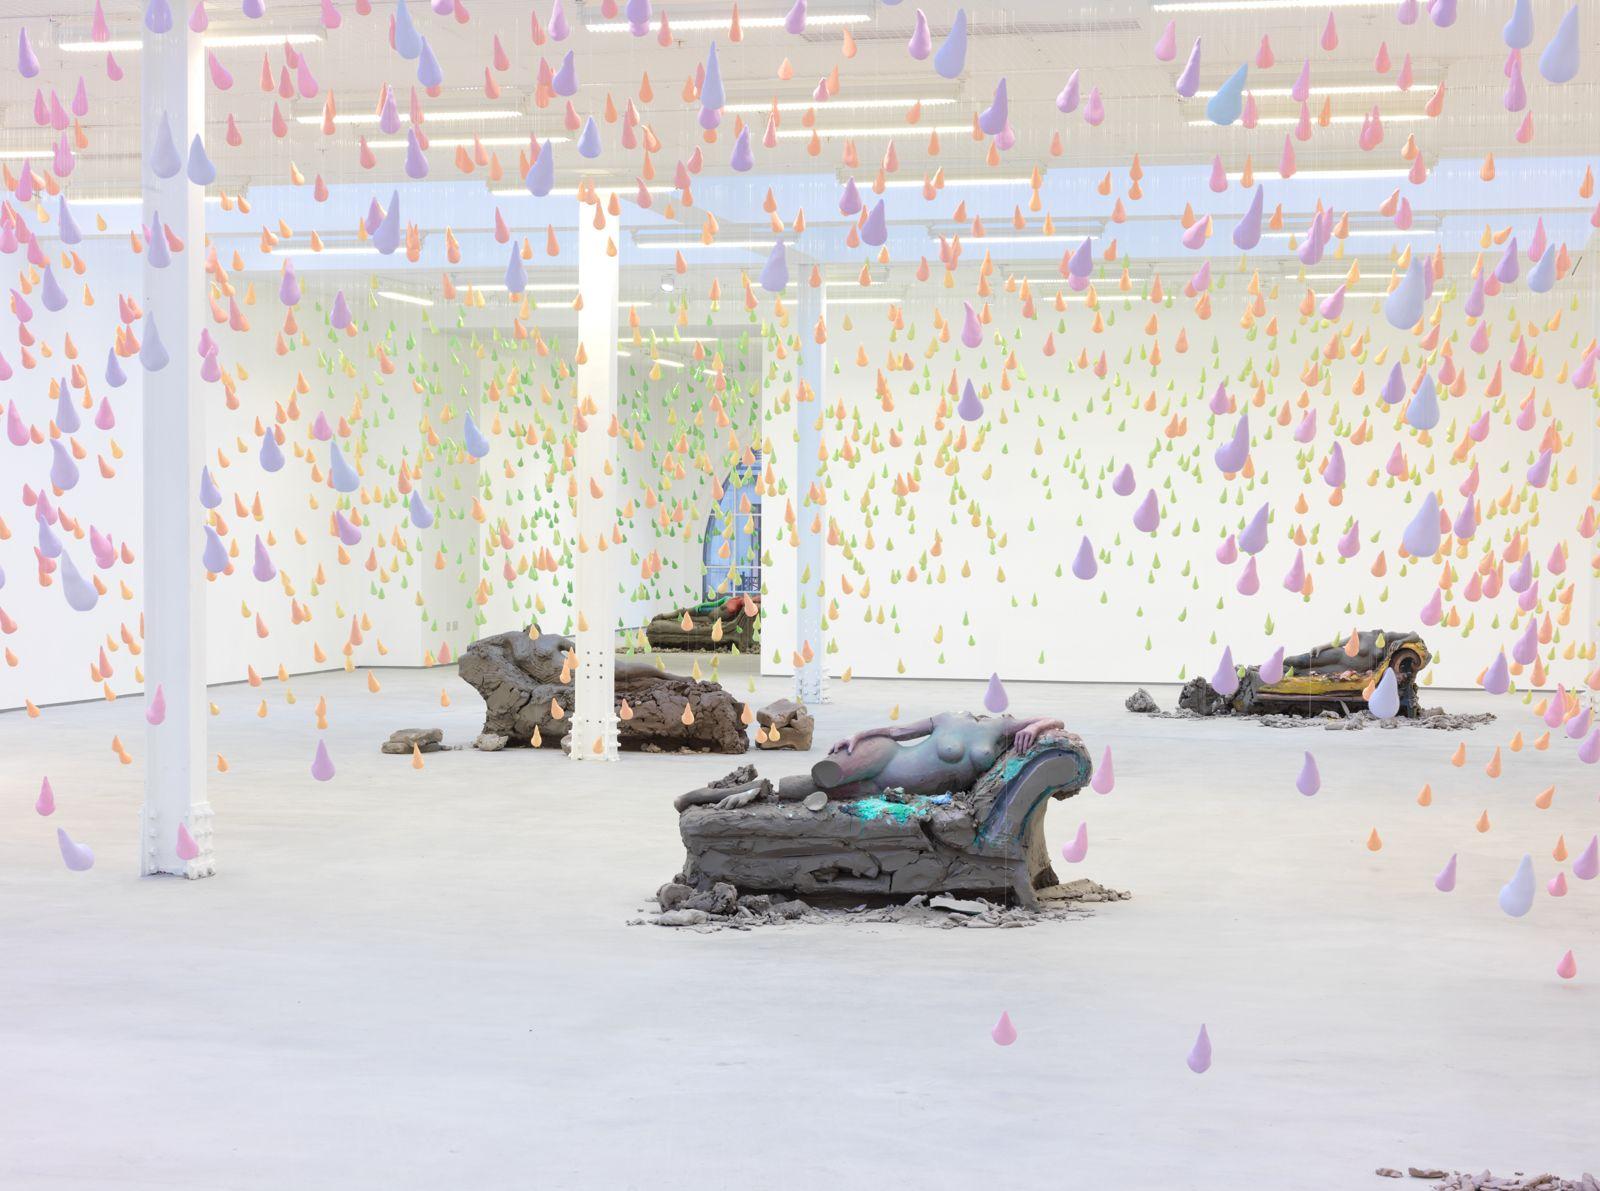 Installation view, Urs Fischer:Sadie Coles HQ, London, United Kingdom,2013-2014